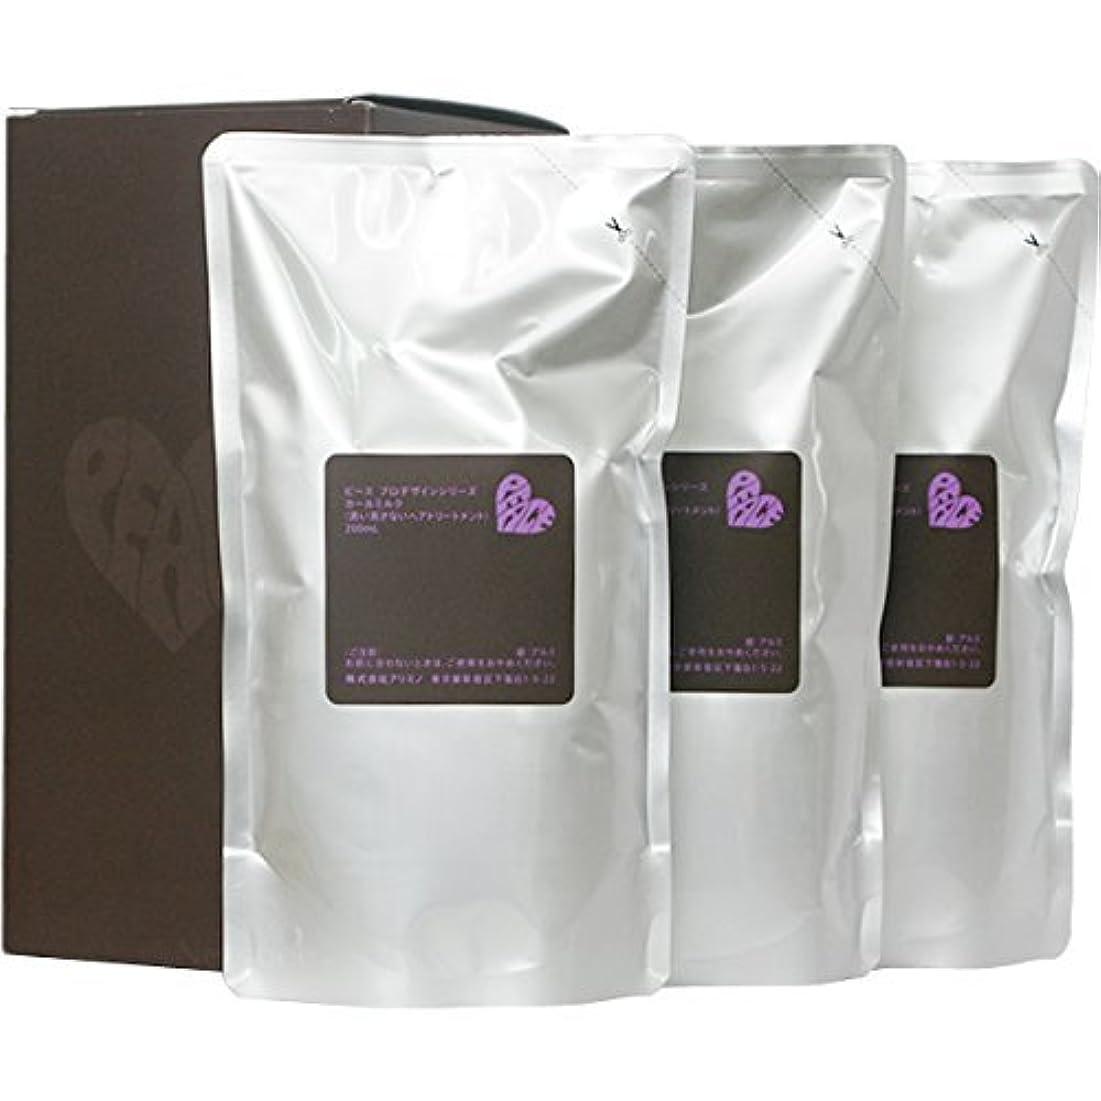 印象的ハンサム植物のピース プロデザインシリーズ カールミルク チョコ リフィル 200ml×3